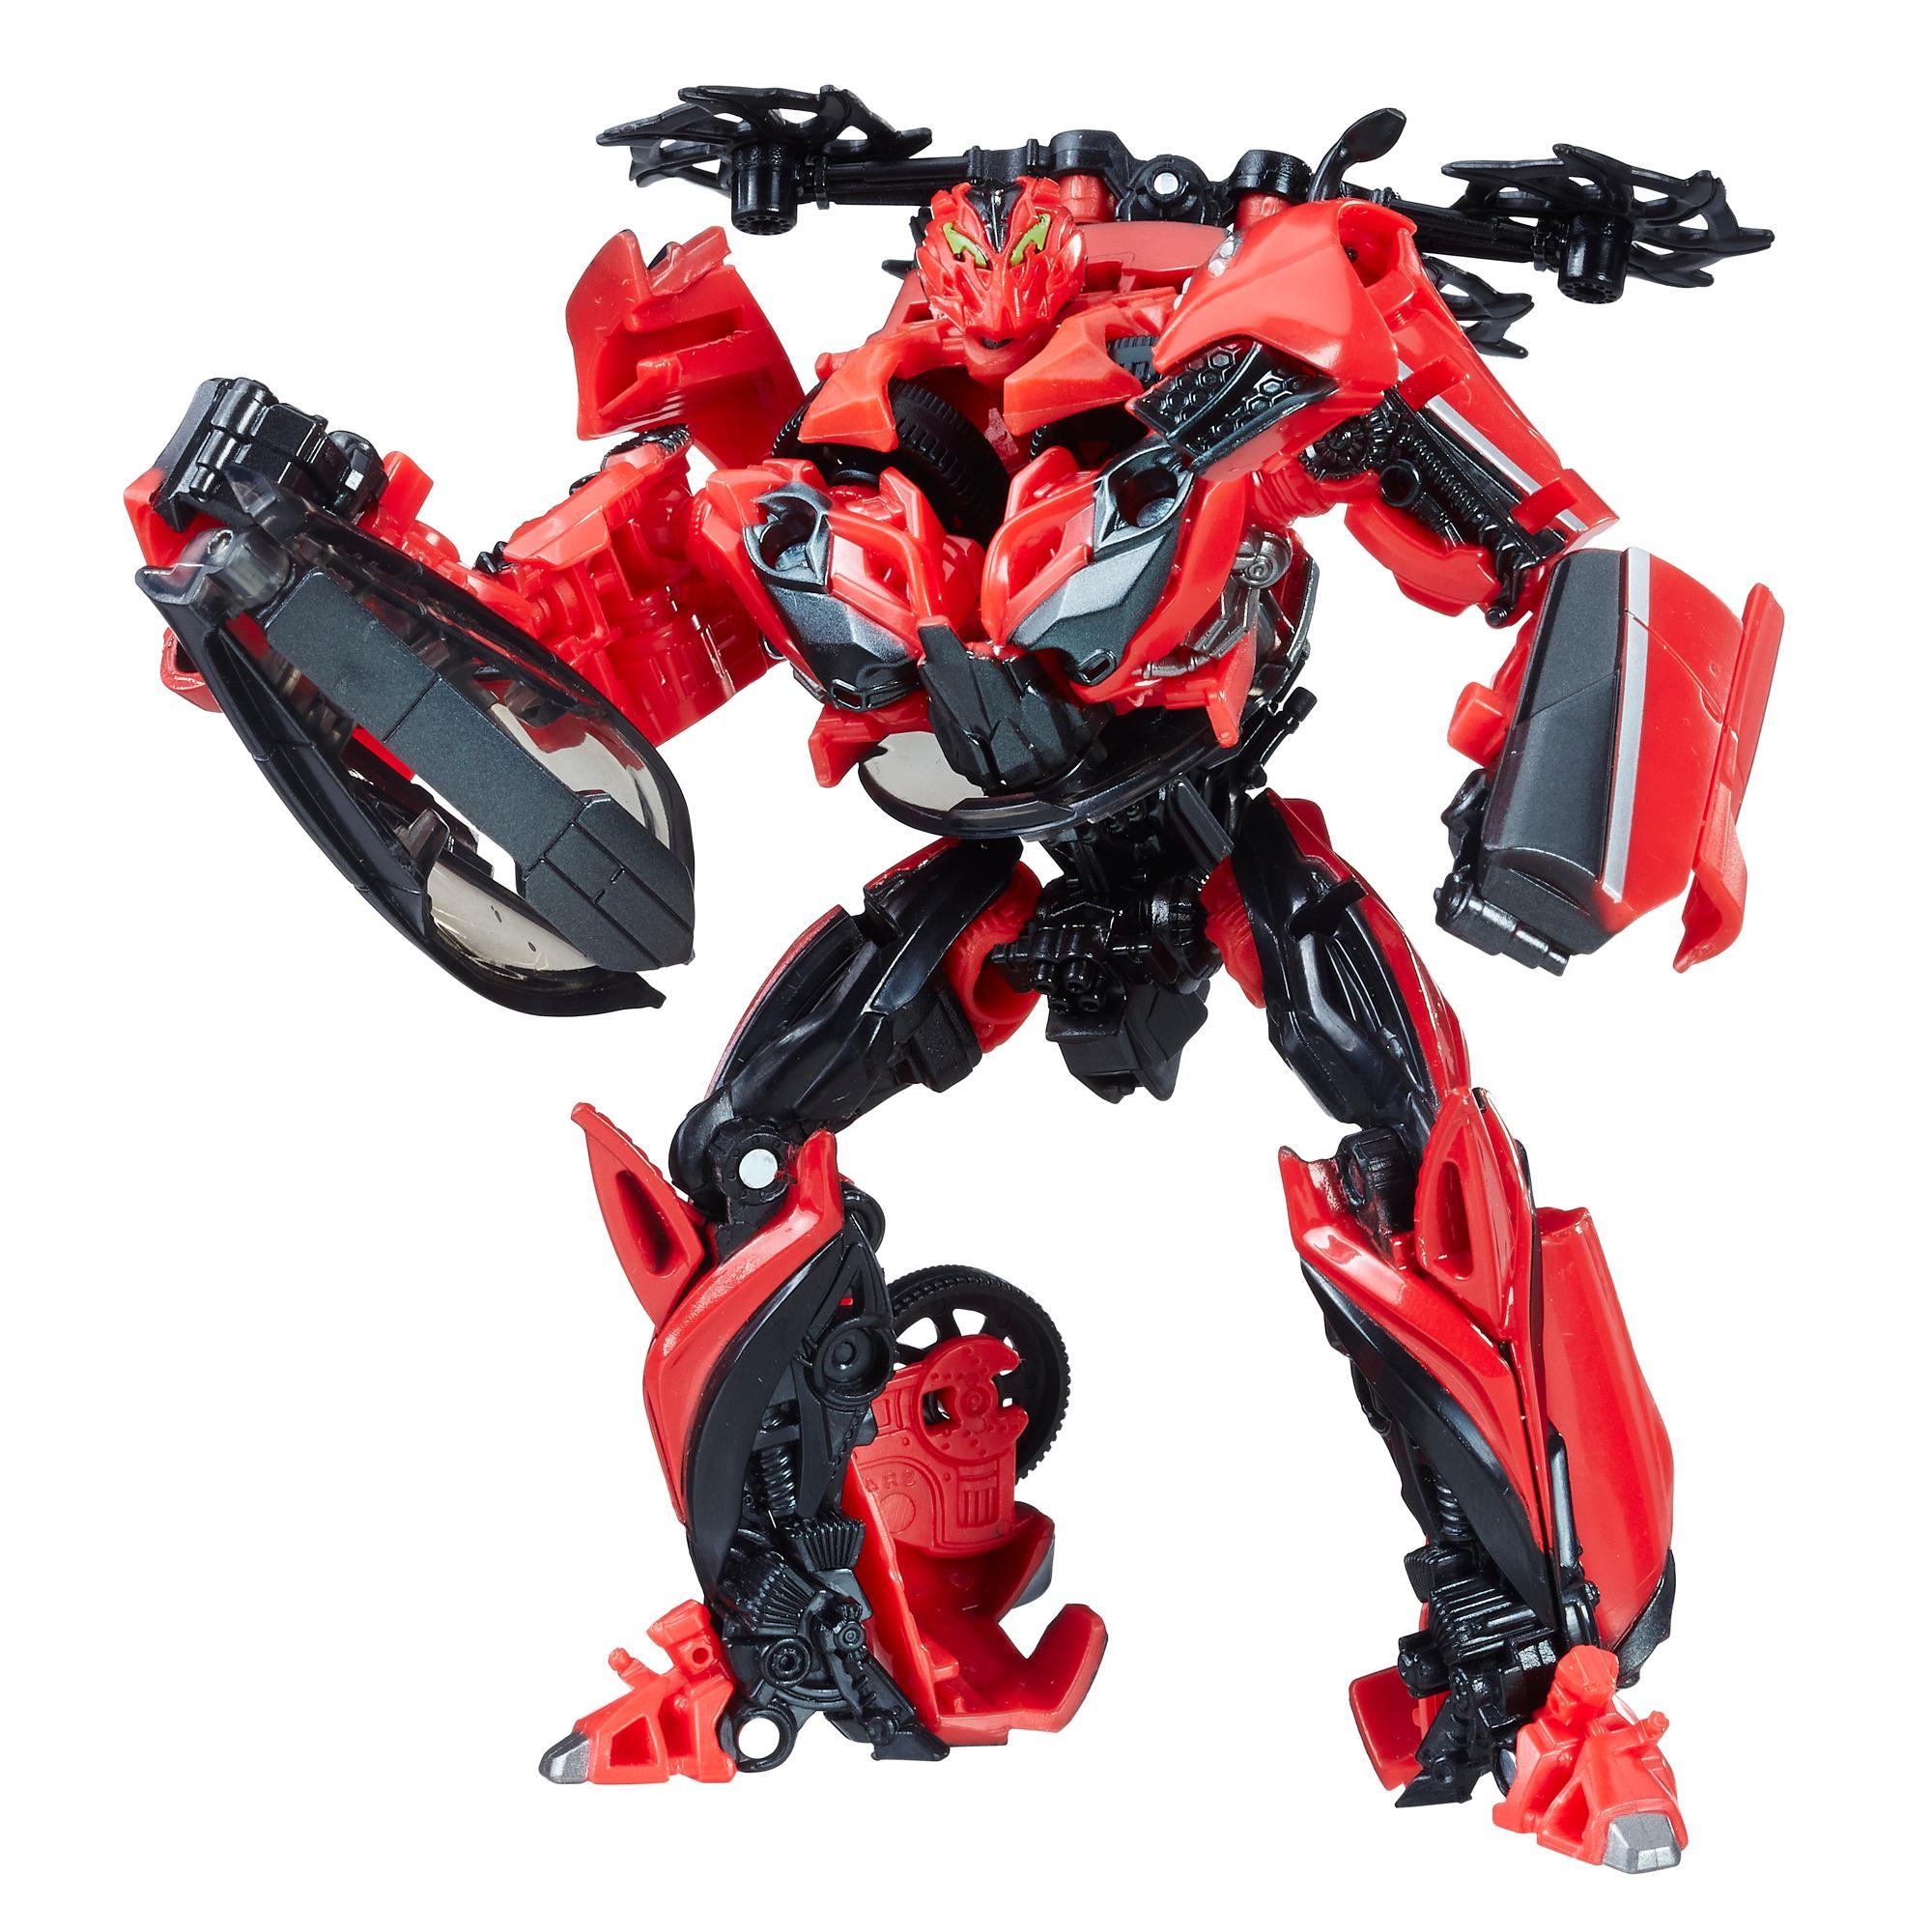 Transformers Studio Series 02 Deluxe Class Movie 3 Decepticon Stinger